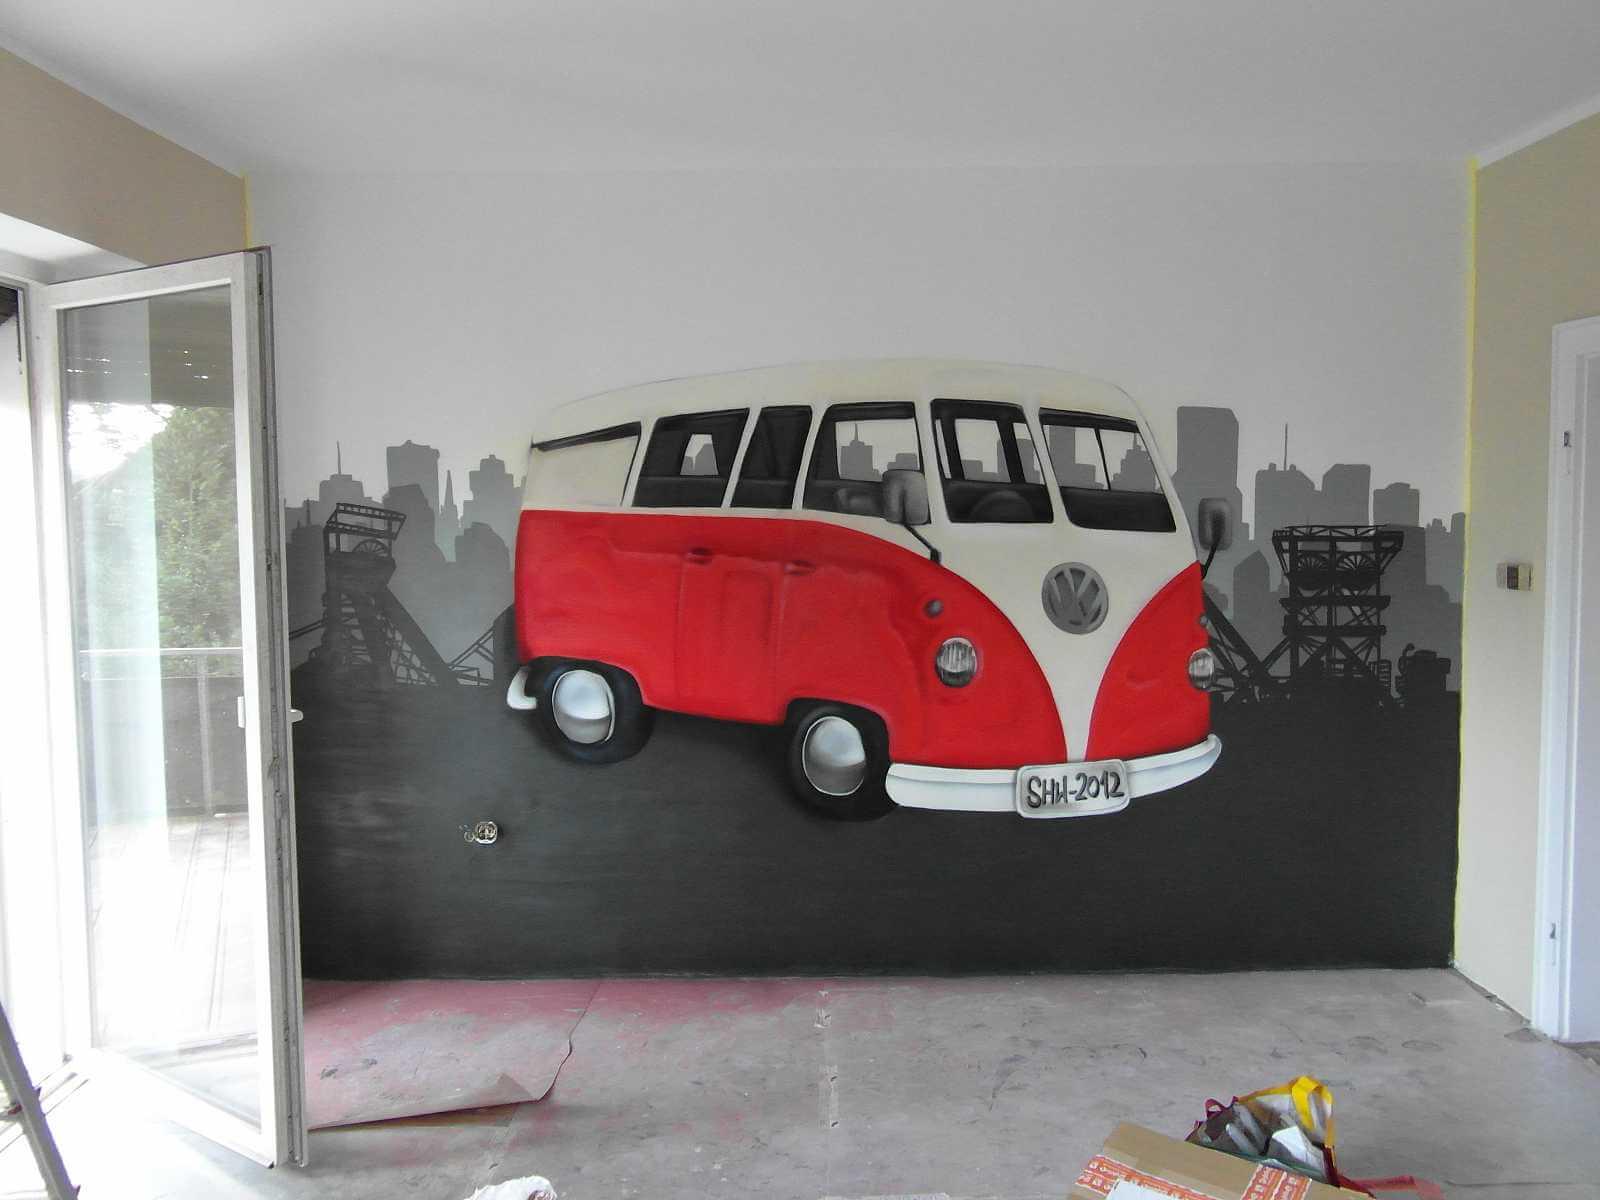 VW Van Oldtimer Graffiti im Wohnzimmer Skyline von Essen